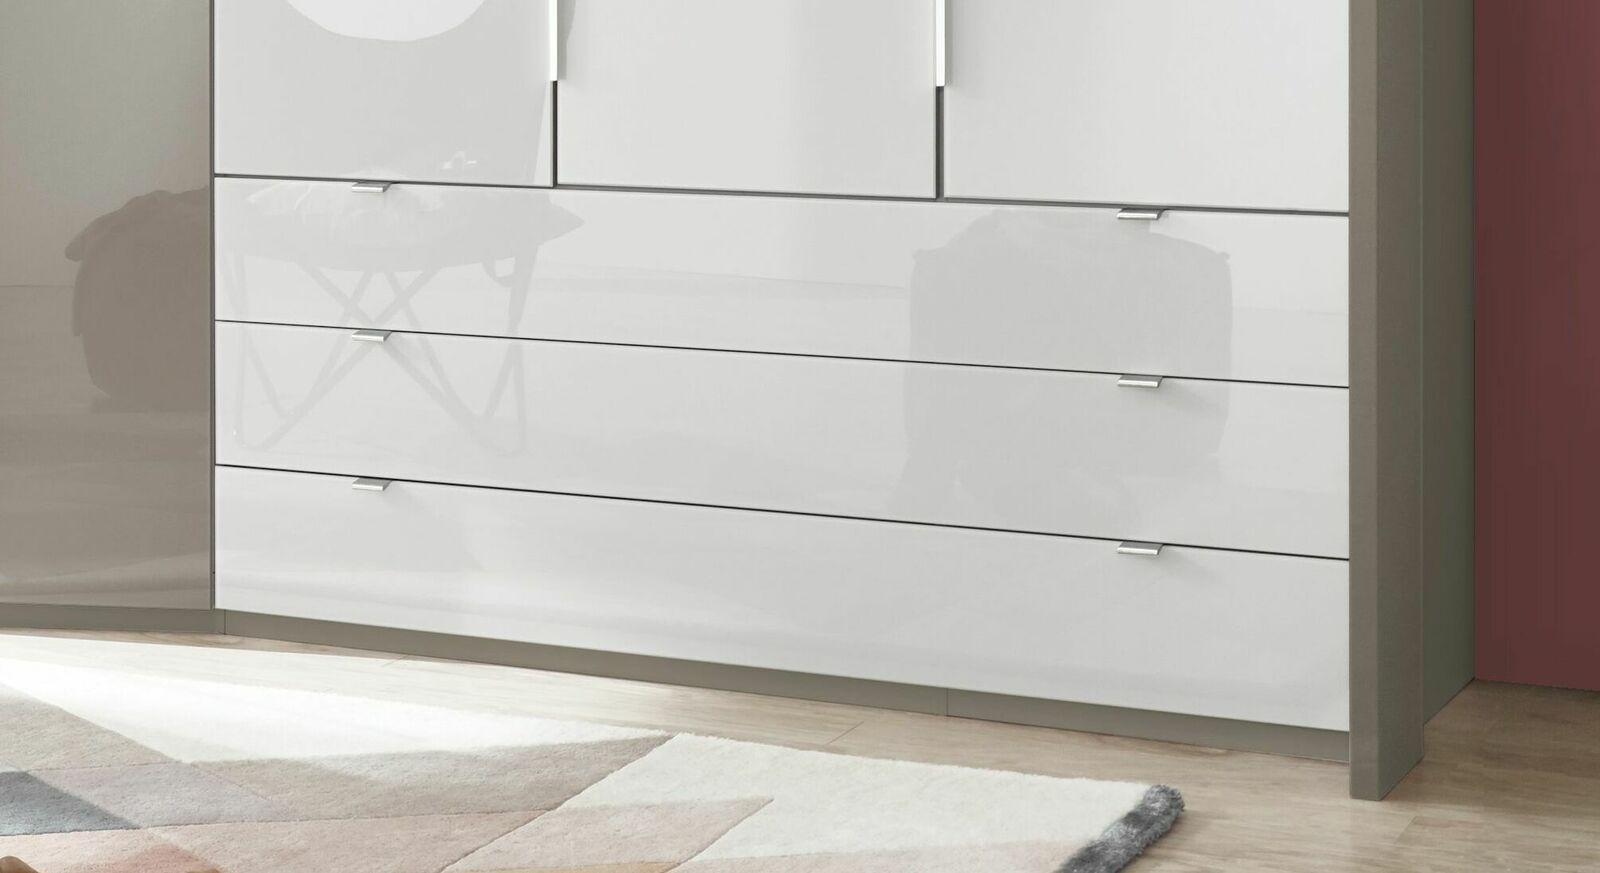 Funktions-Kleiderschrank Evansville mit breiten Schubladen